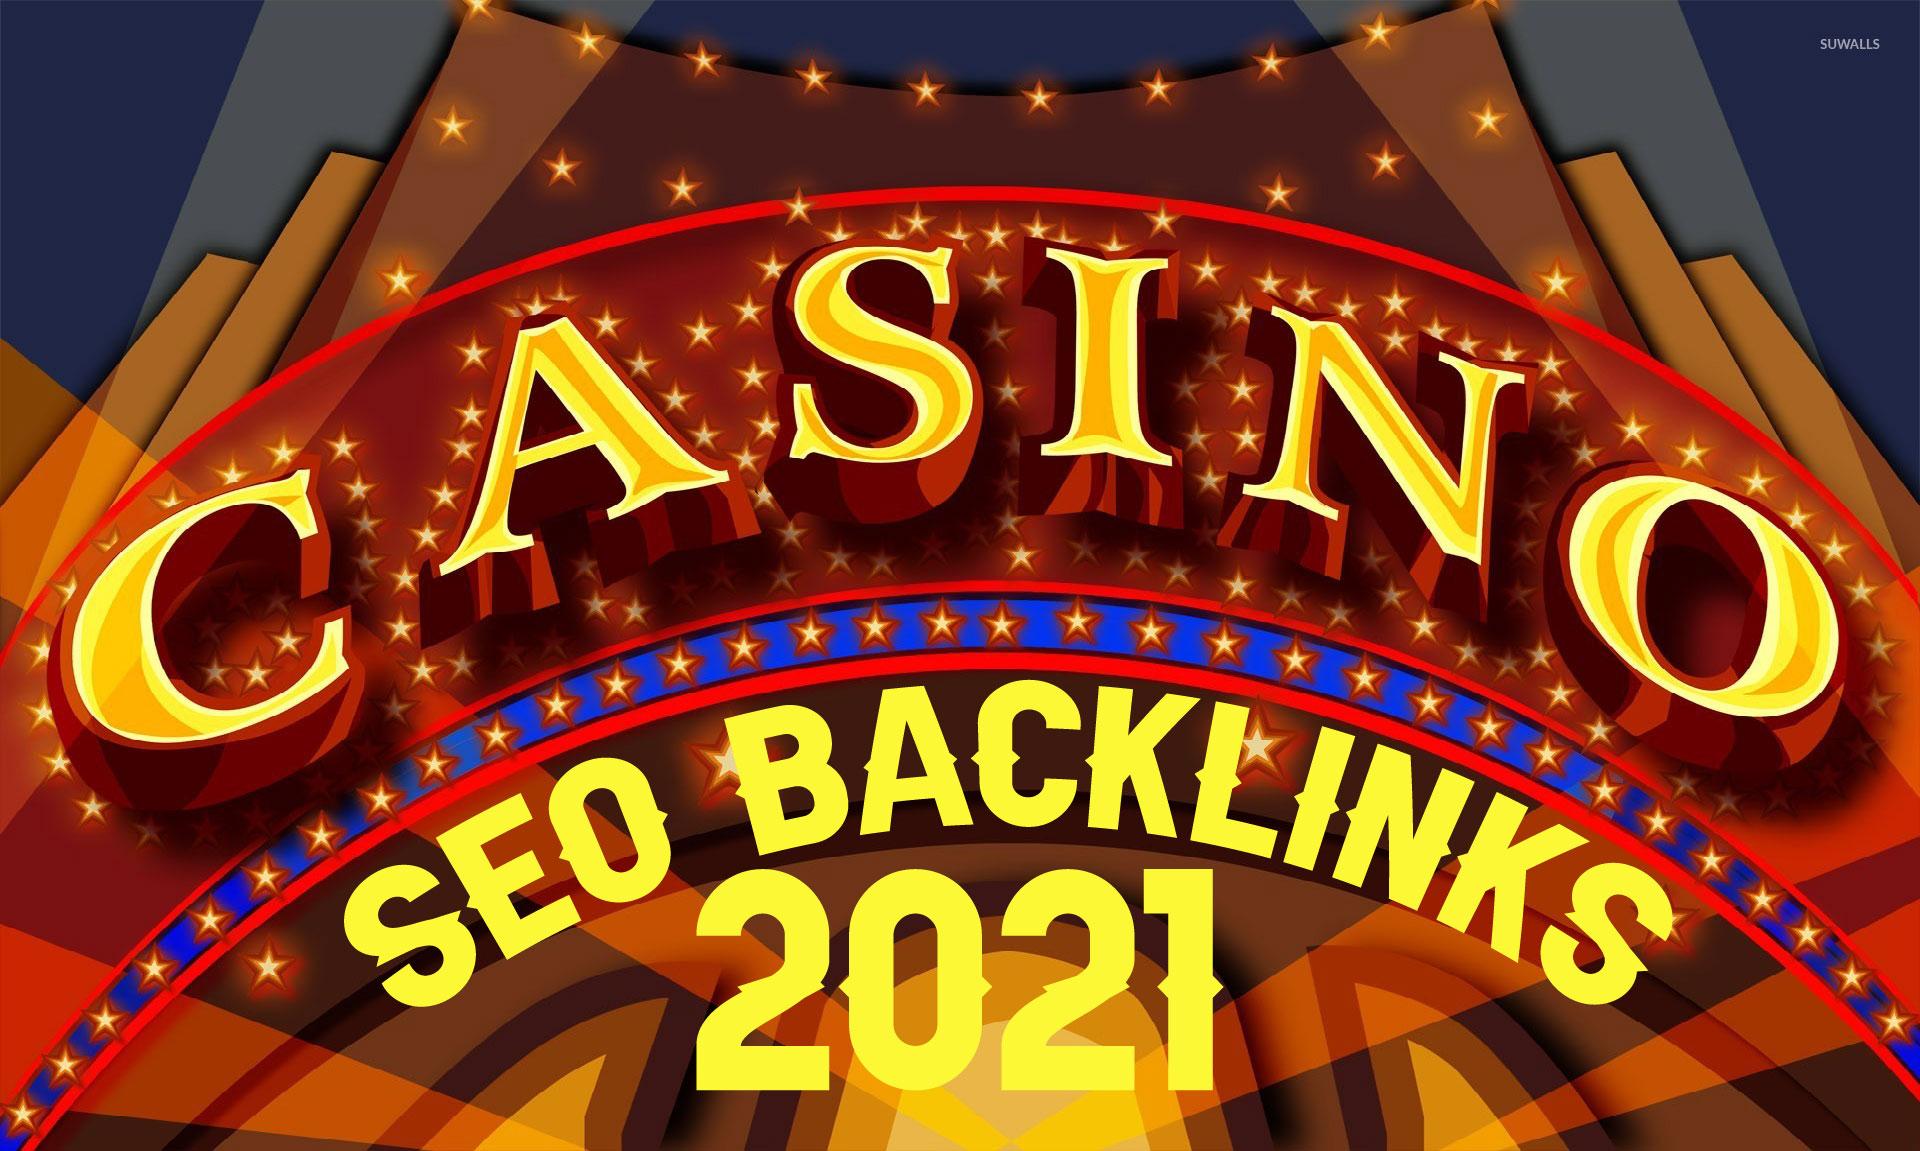 Skyrocket 150 Backlinks package for Casino/Pbn/Gambling Links Google Ranking 2021